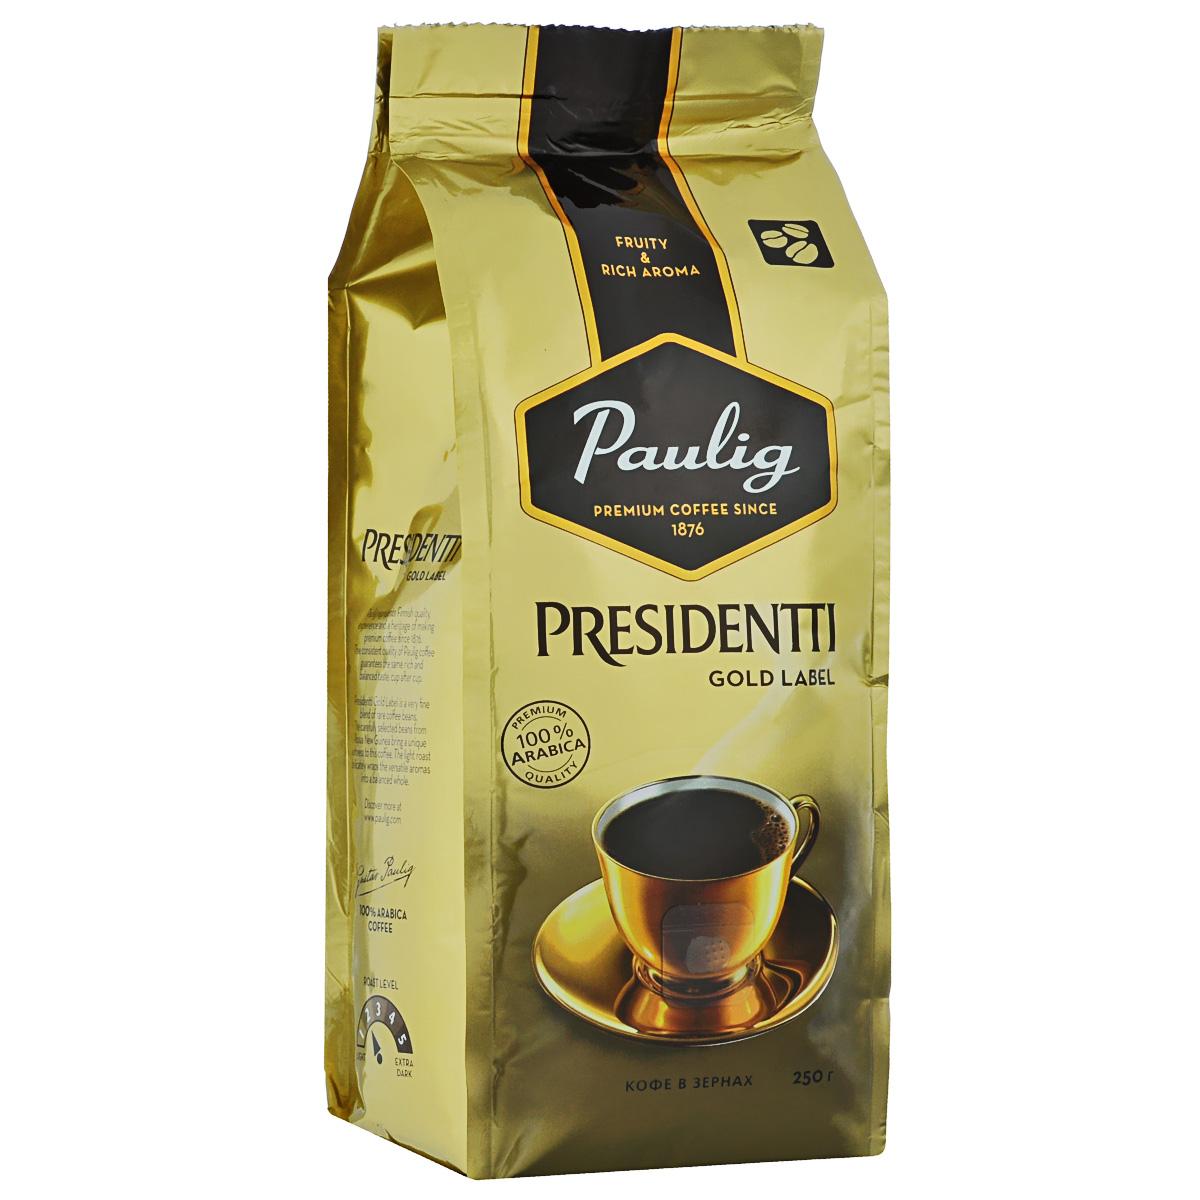 Paulig Presidentti Gold Label кофе в зернах, 250 г0120710Paulig Presidentti Gold Label - уникальный кофе, приготовленный из смеси редких кофейных зерен. Тщательно отобранные кофейные зерна из Папуа – Новой Гвинеи дарят напитку мягкий, бархатистый вкус. Благодаря легкой обжарке достигается богатый, неповторимый аромат.